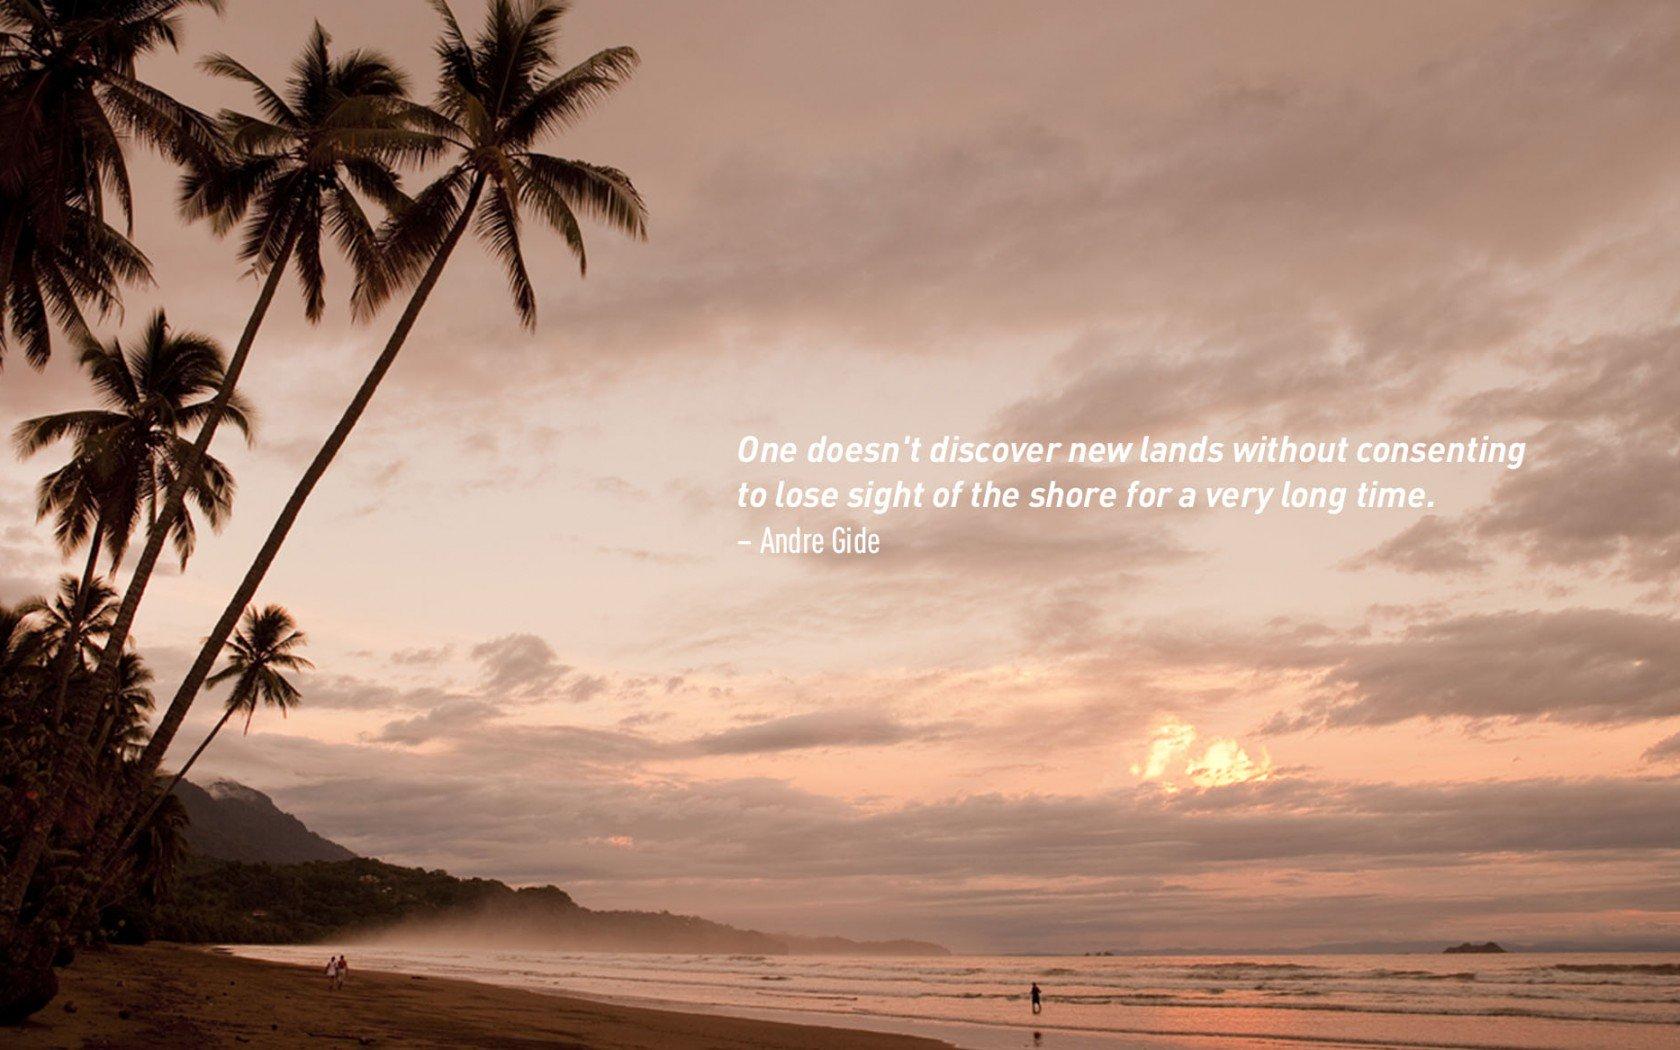 Andre Gide, citations de voyage célèbres.